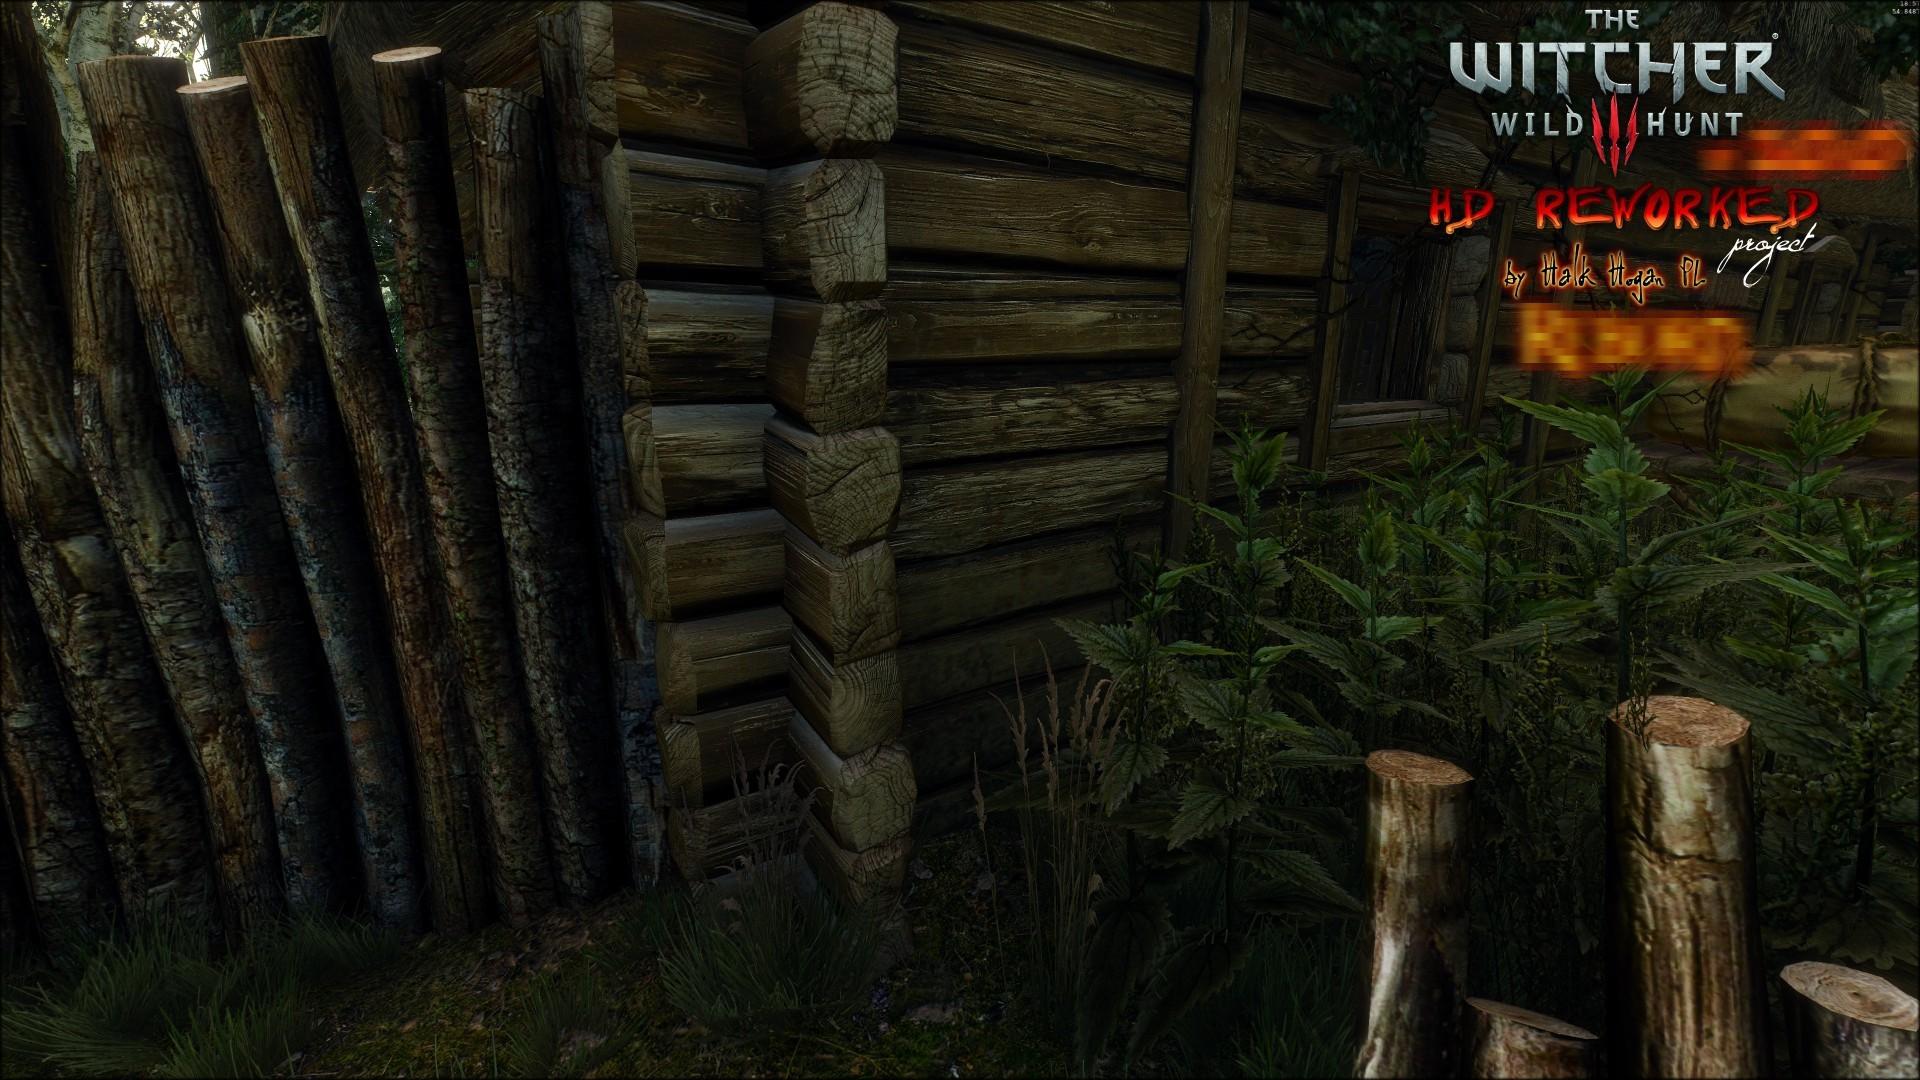 《巫师3》高清材质MOD对比截图 确定不是重制版?